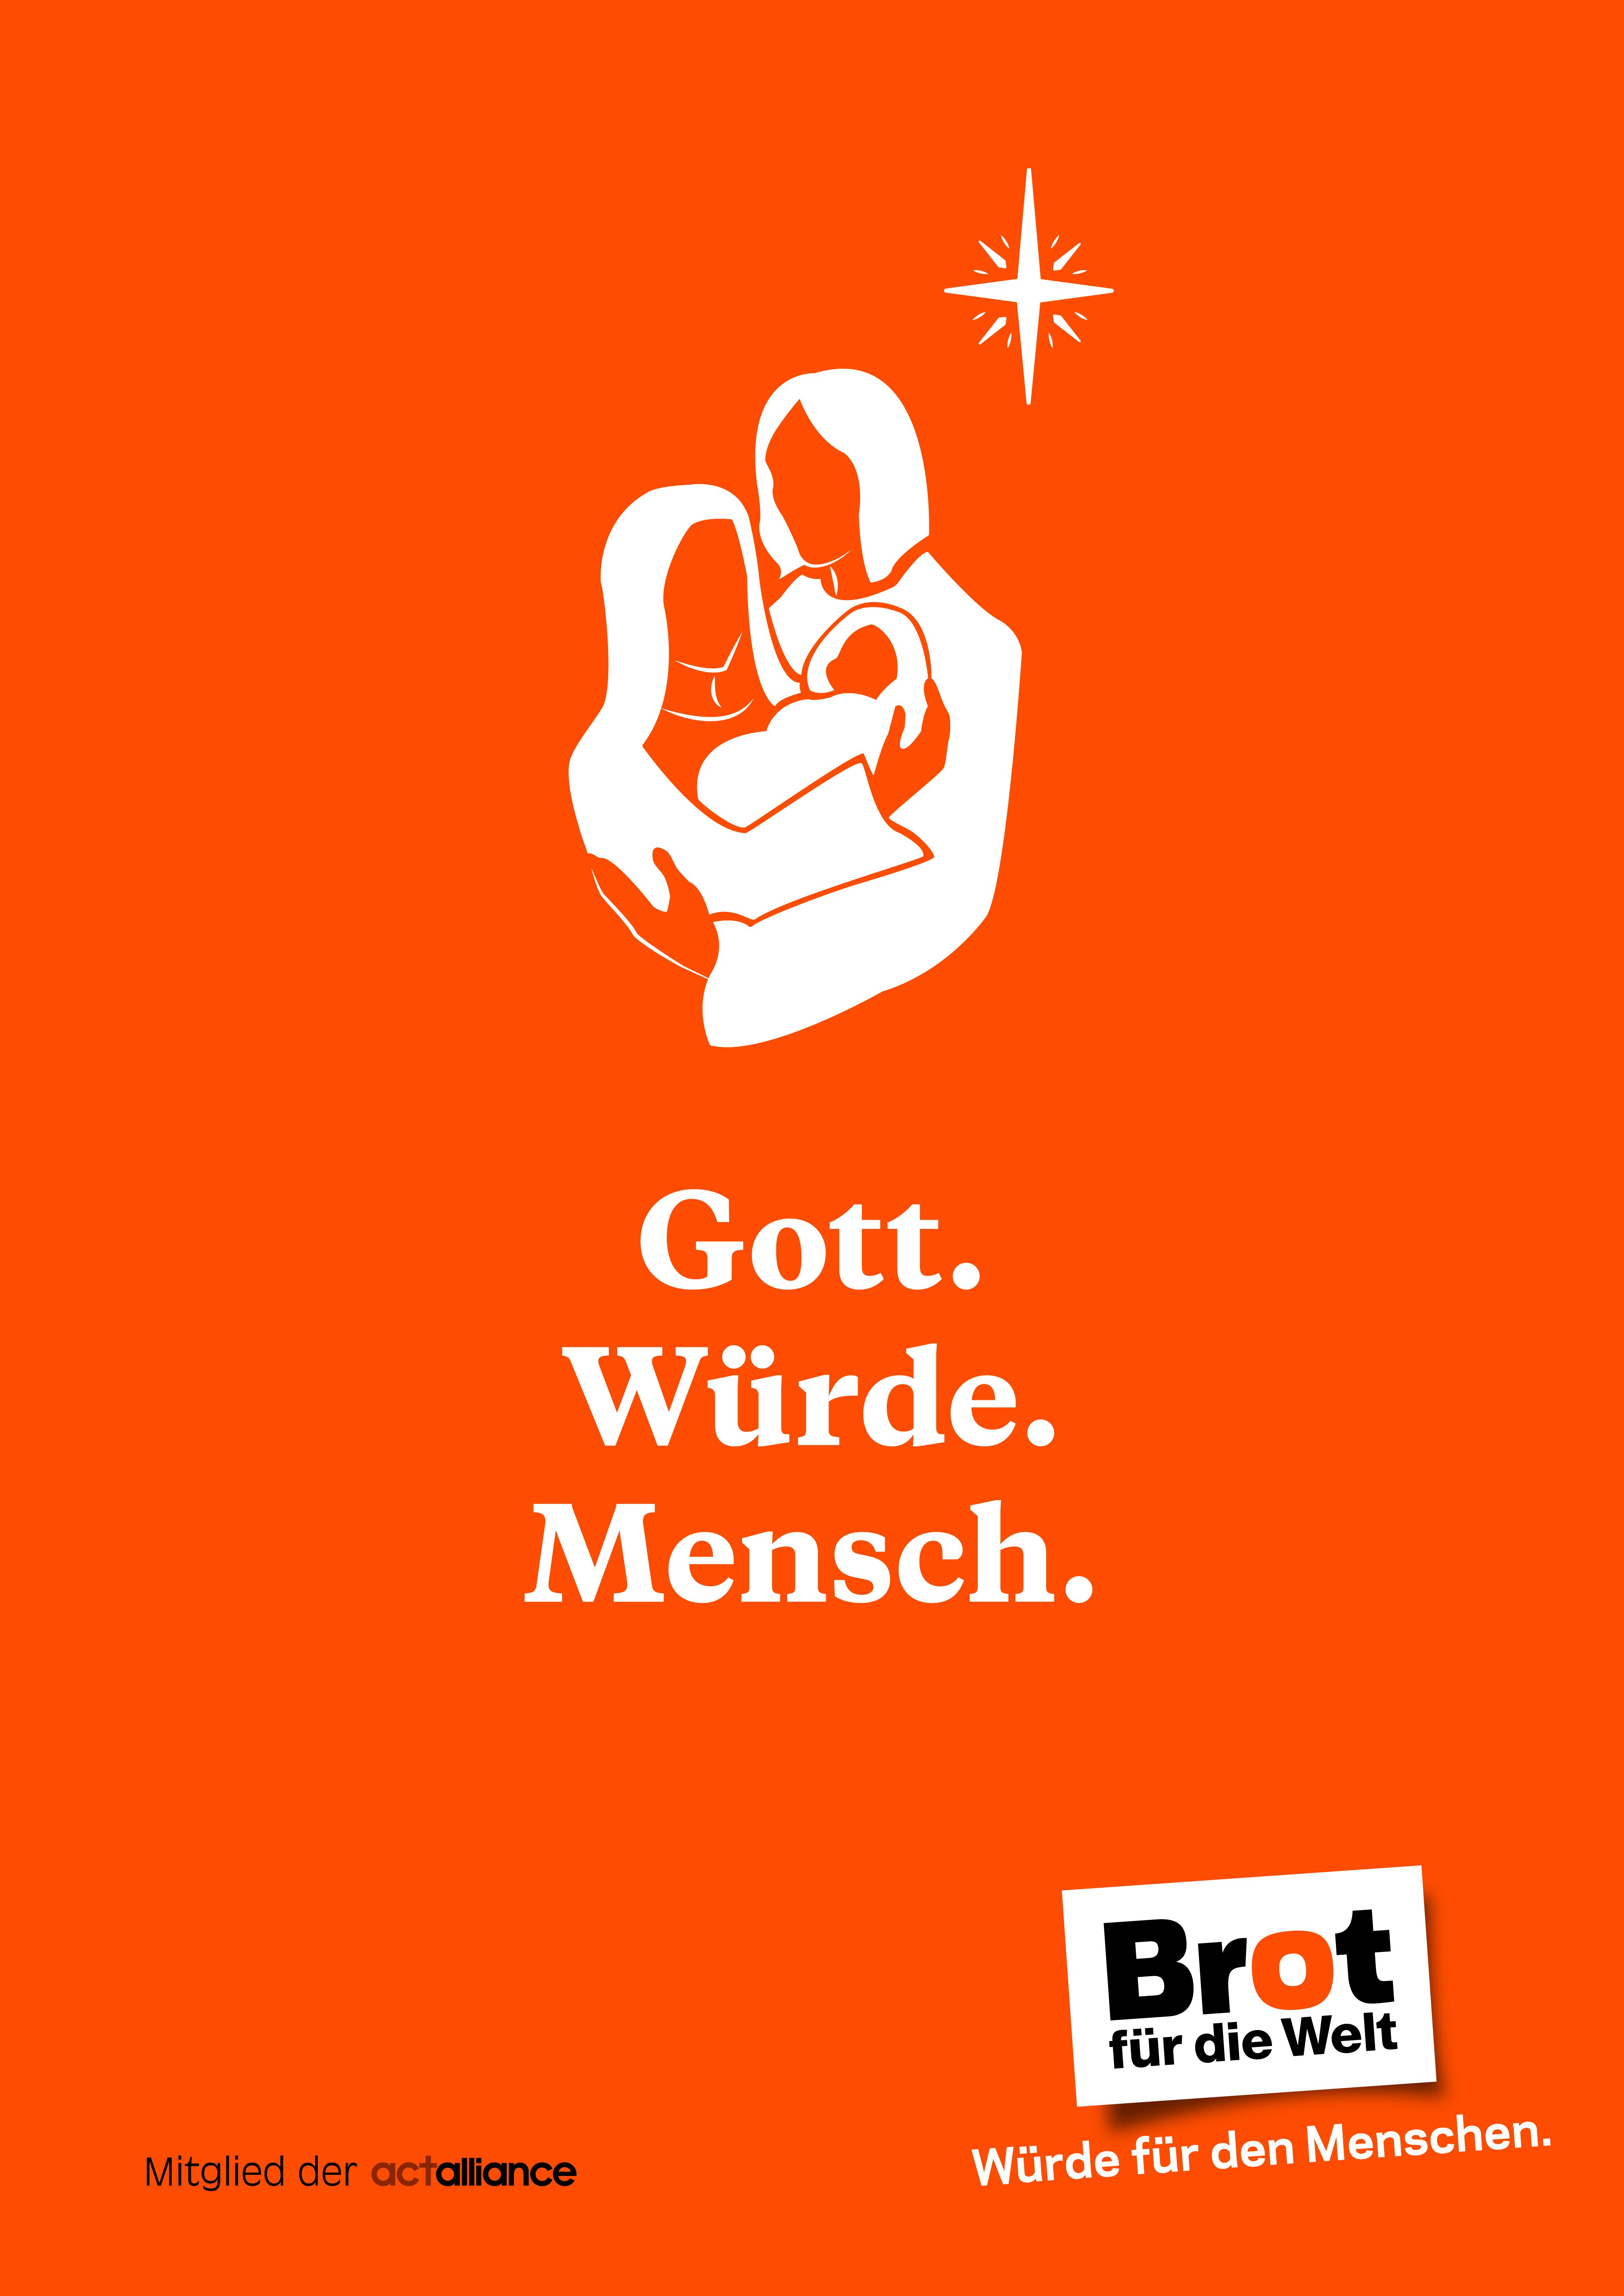 Plakat: Gott - Würde - Mensch